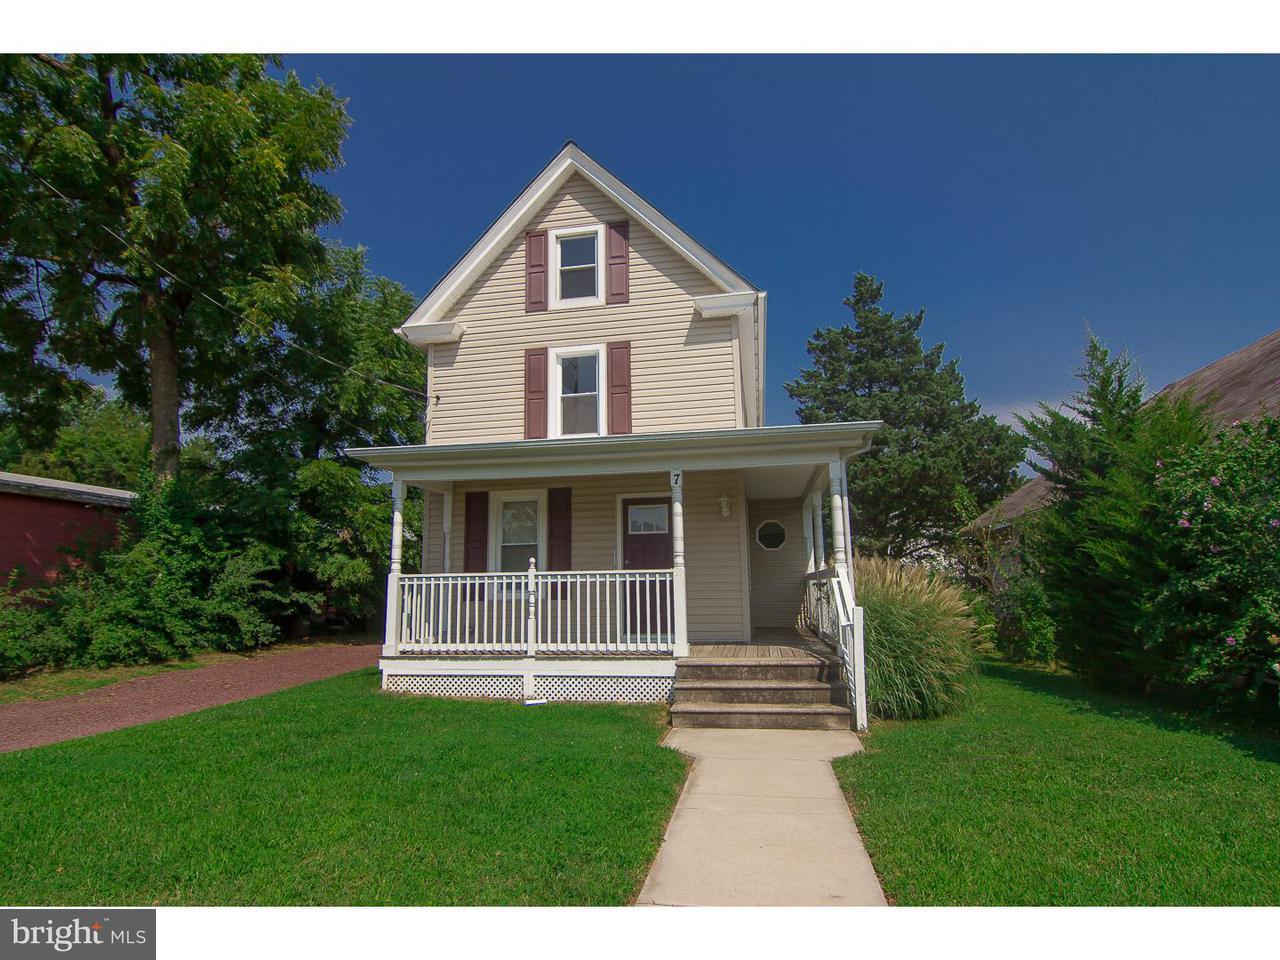 Maison unifamiliale pour l à louer à 7 N EAST BLVD Newfield, New Jersey 08344 États-Unis